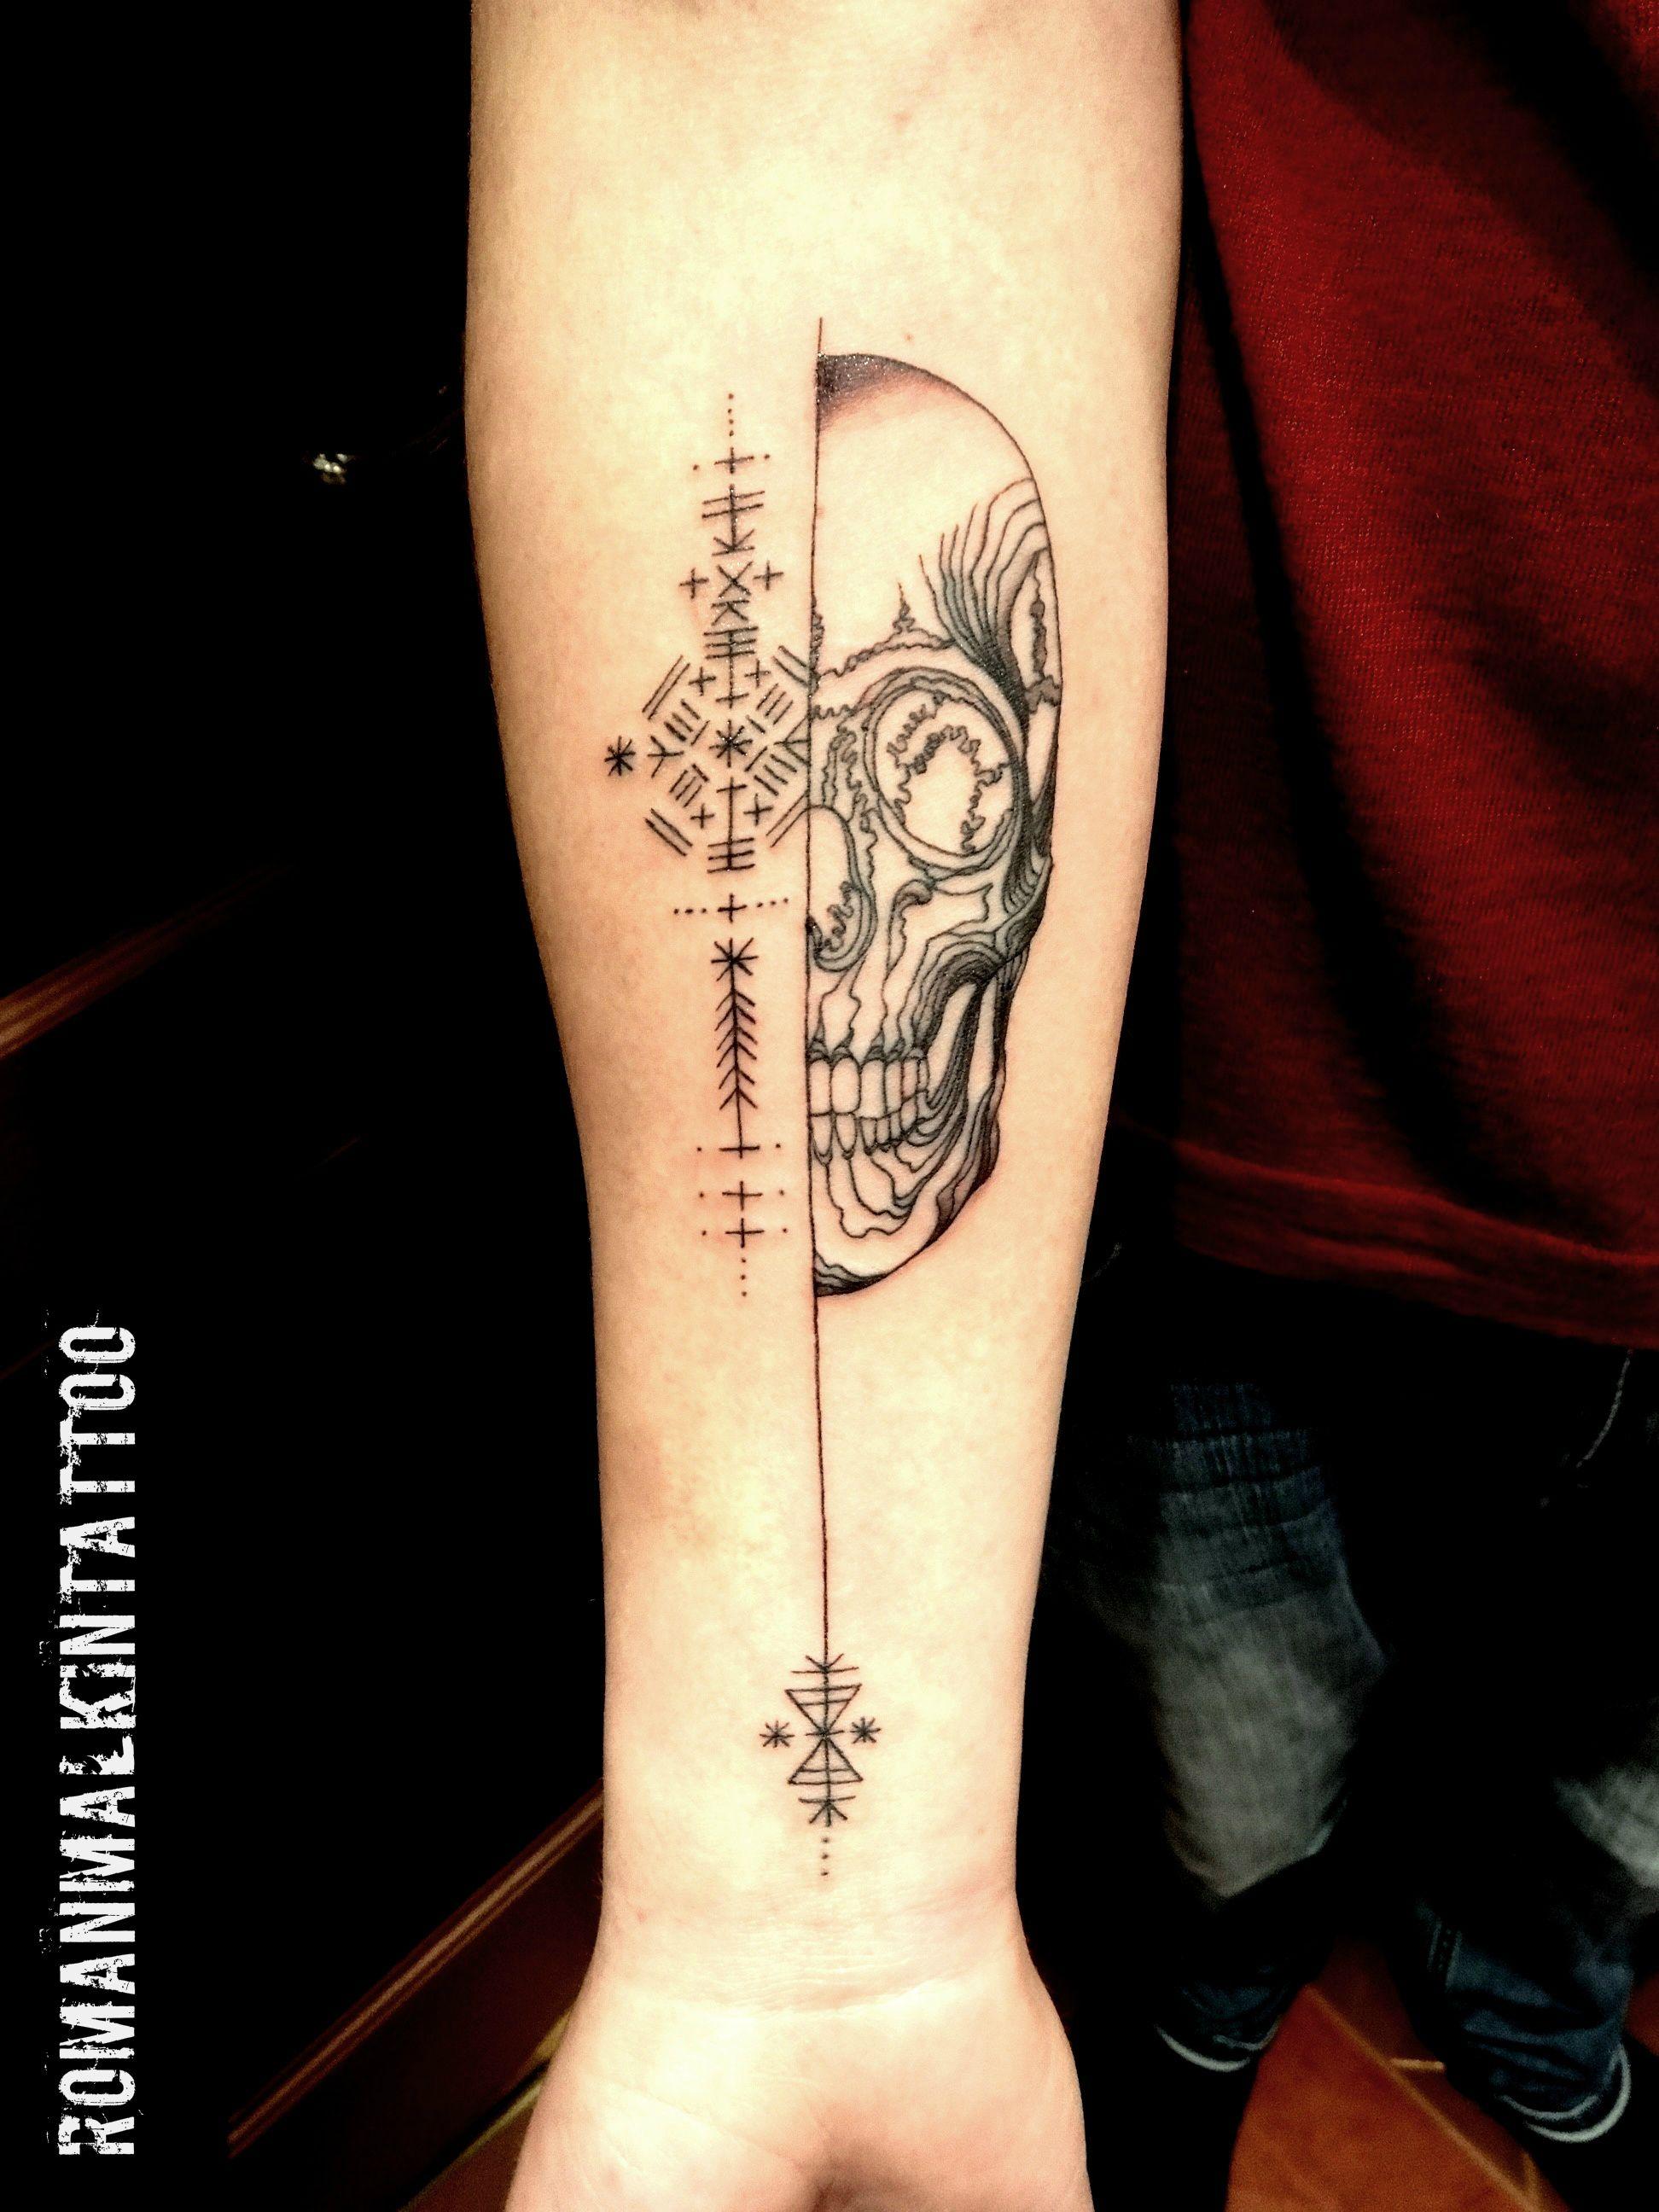 Pin By Allan Kaufman On Tattoo Ideas Tattoos